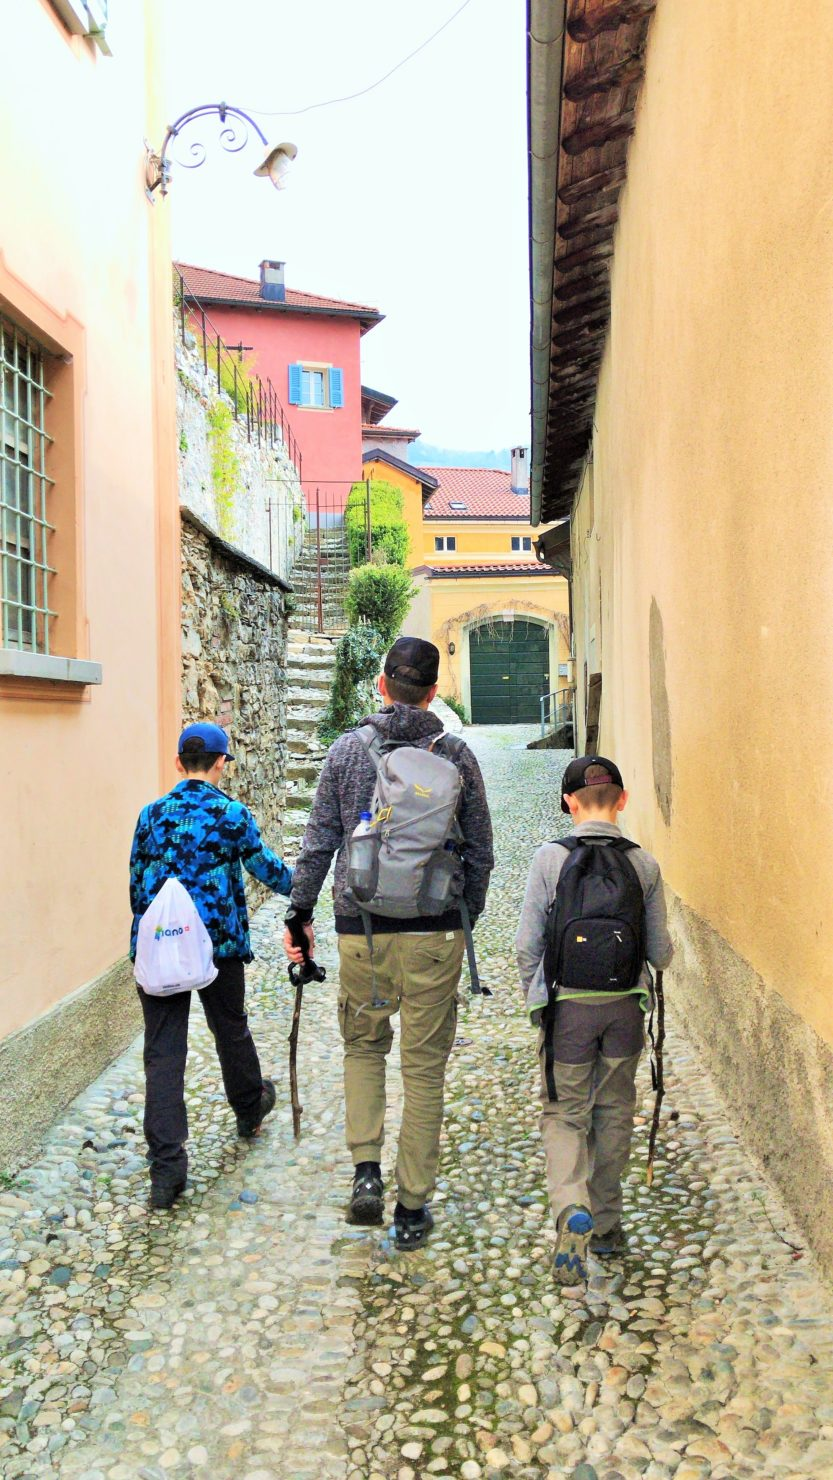 Spaziergang durch die Vergangenheit: Im Dorfkern von Casima